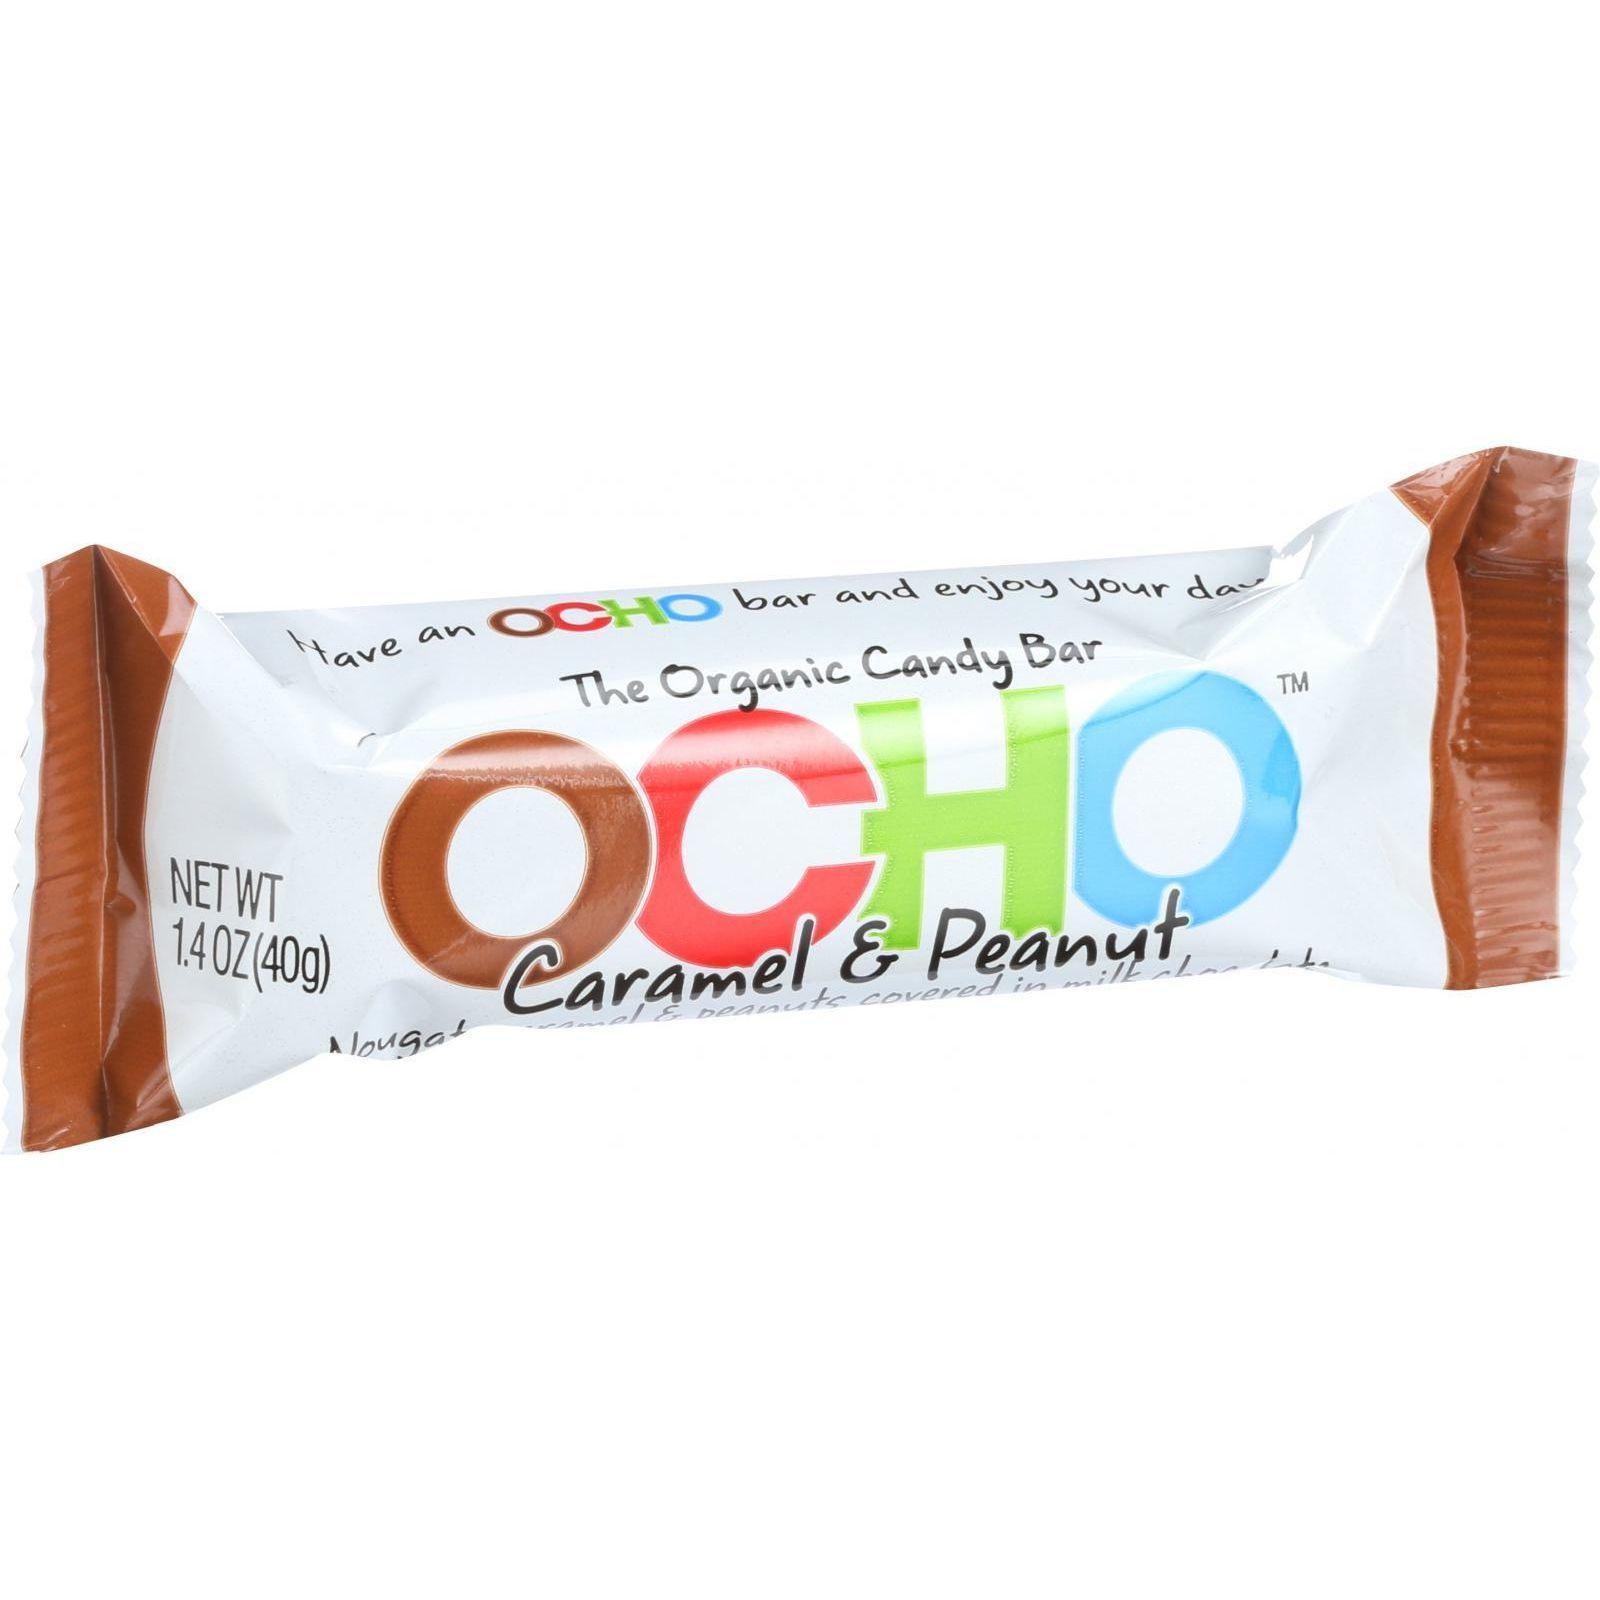 Ocho Organic Candy Bar - Caramel and Peanut - 1.4 oz - Case of 18